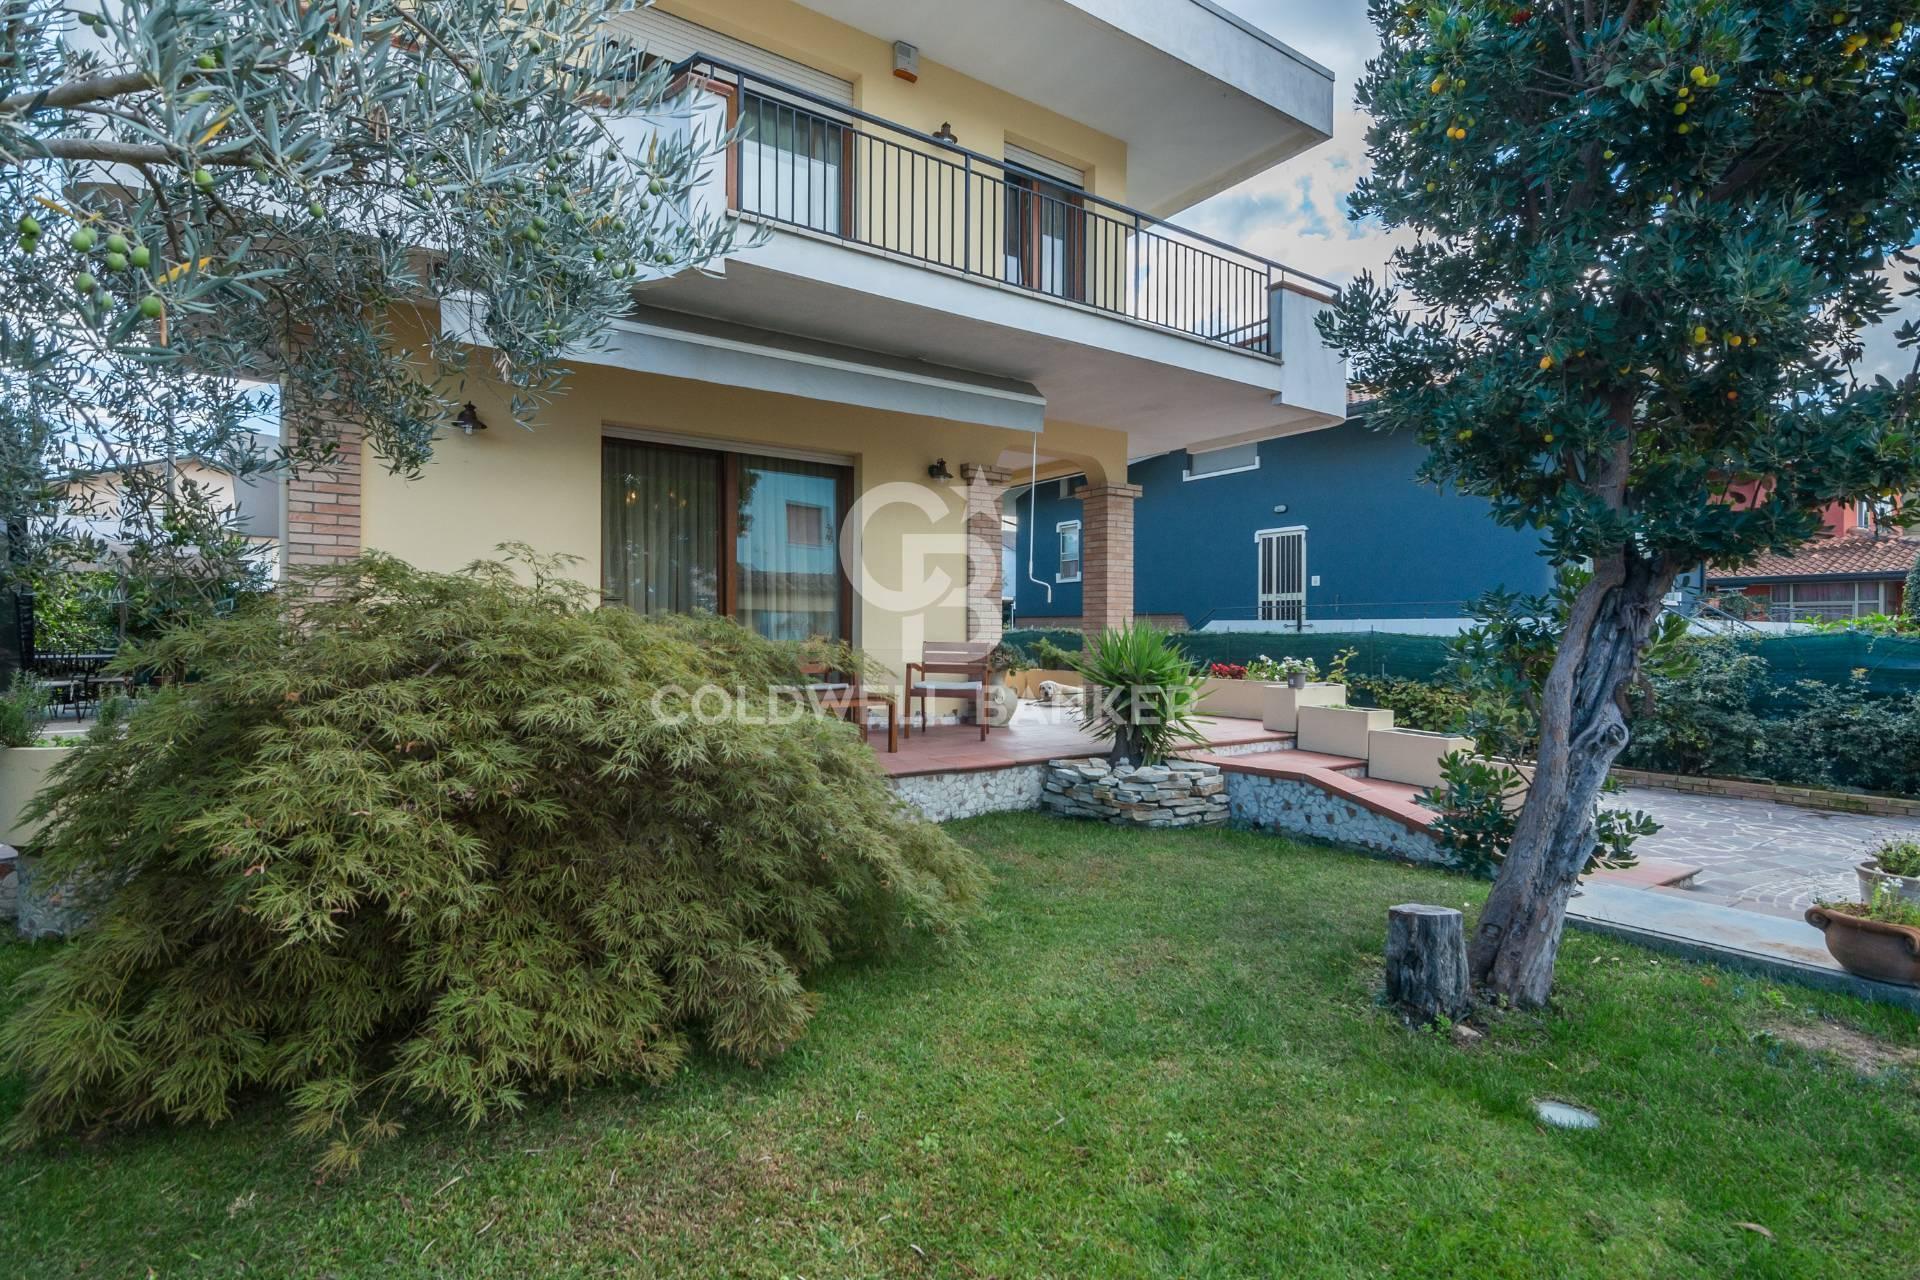 Villa in vendita a Bellaria Igea Marina, 9 locali, zona Zona: Bellaria, prezzo € 550.000 | CambioCasa.it